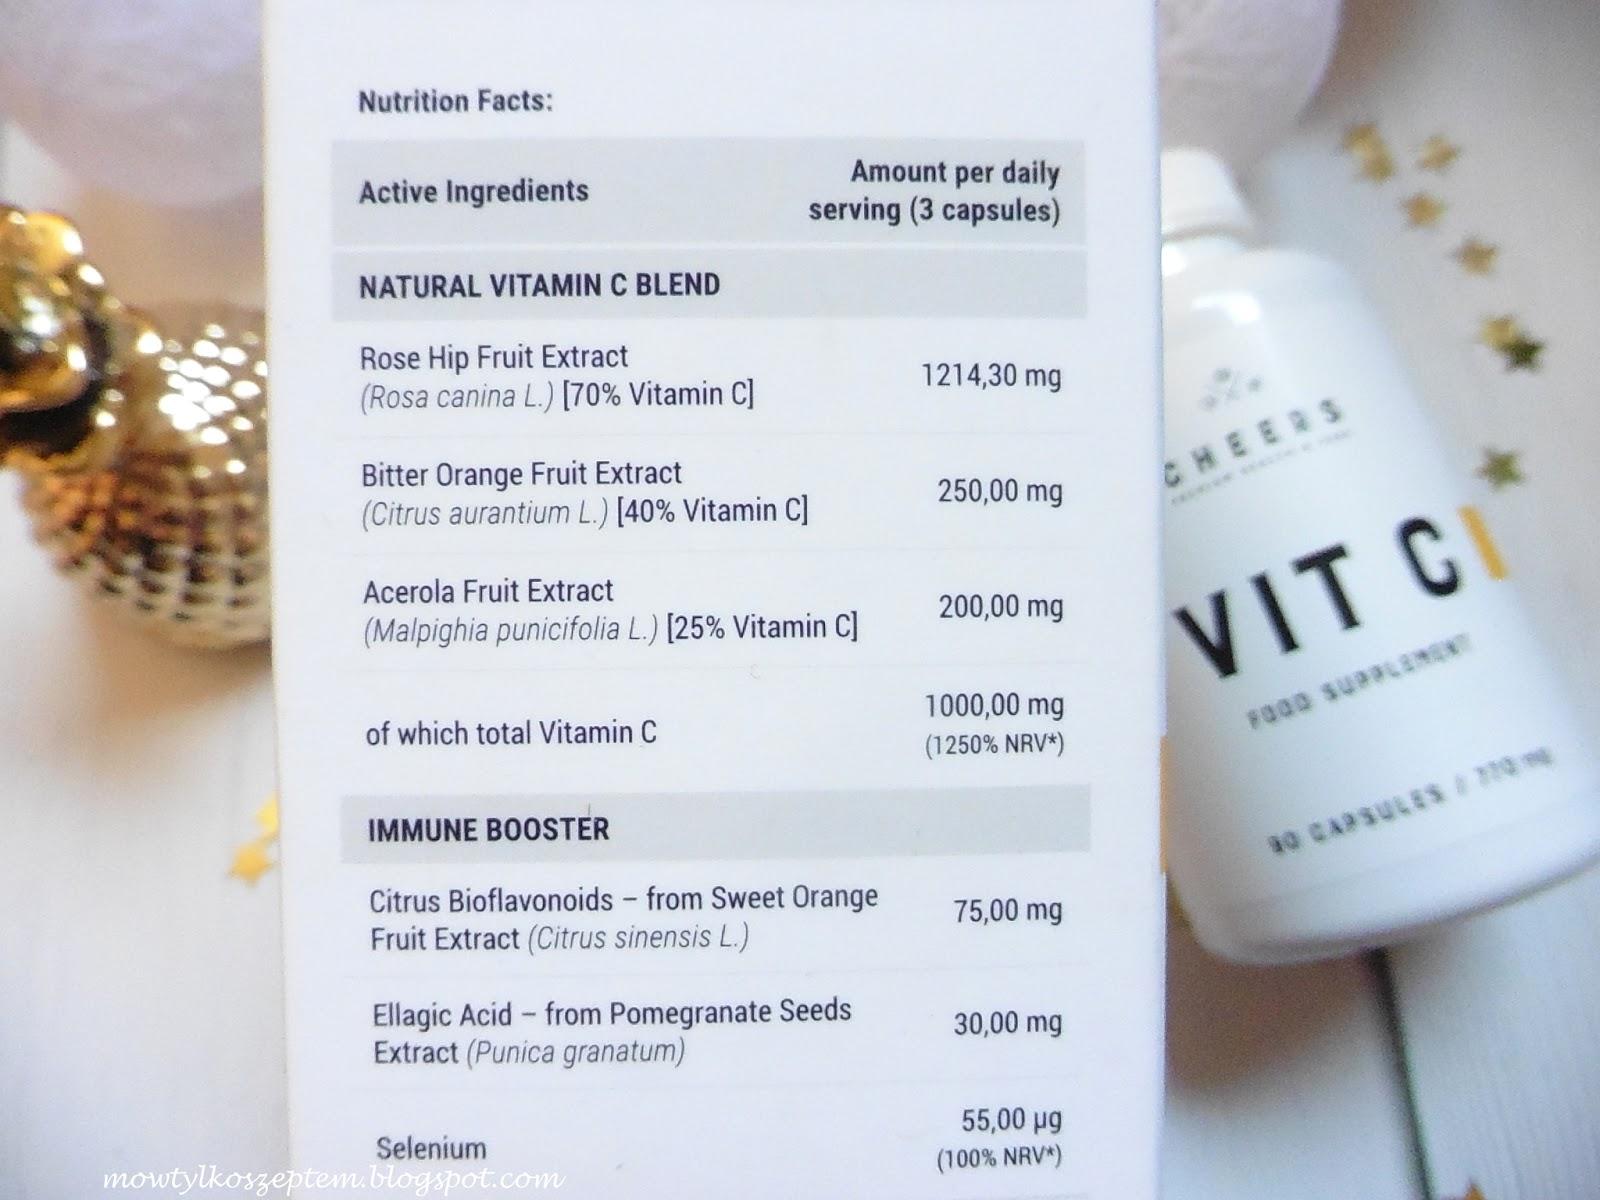 witamina-c,witamina-c-cheers,witamina-c-dla-wegan,witamina-c-naturalny-suplement